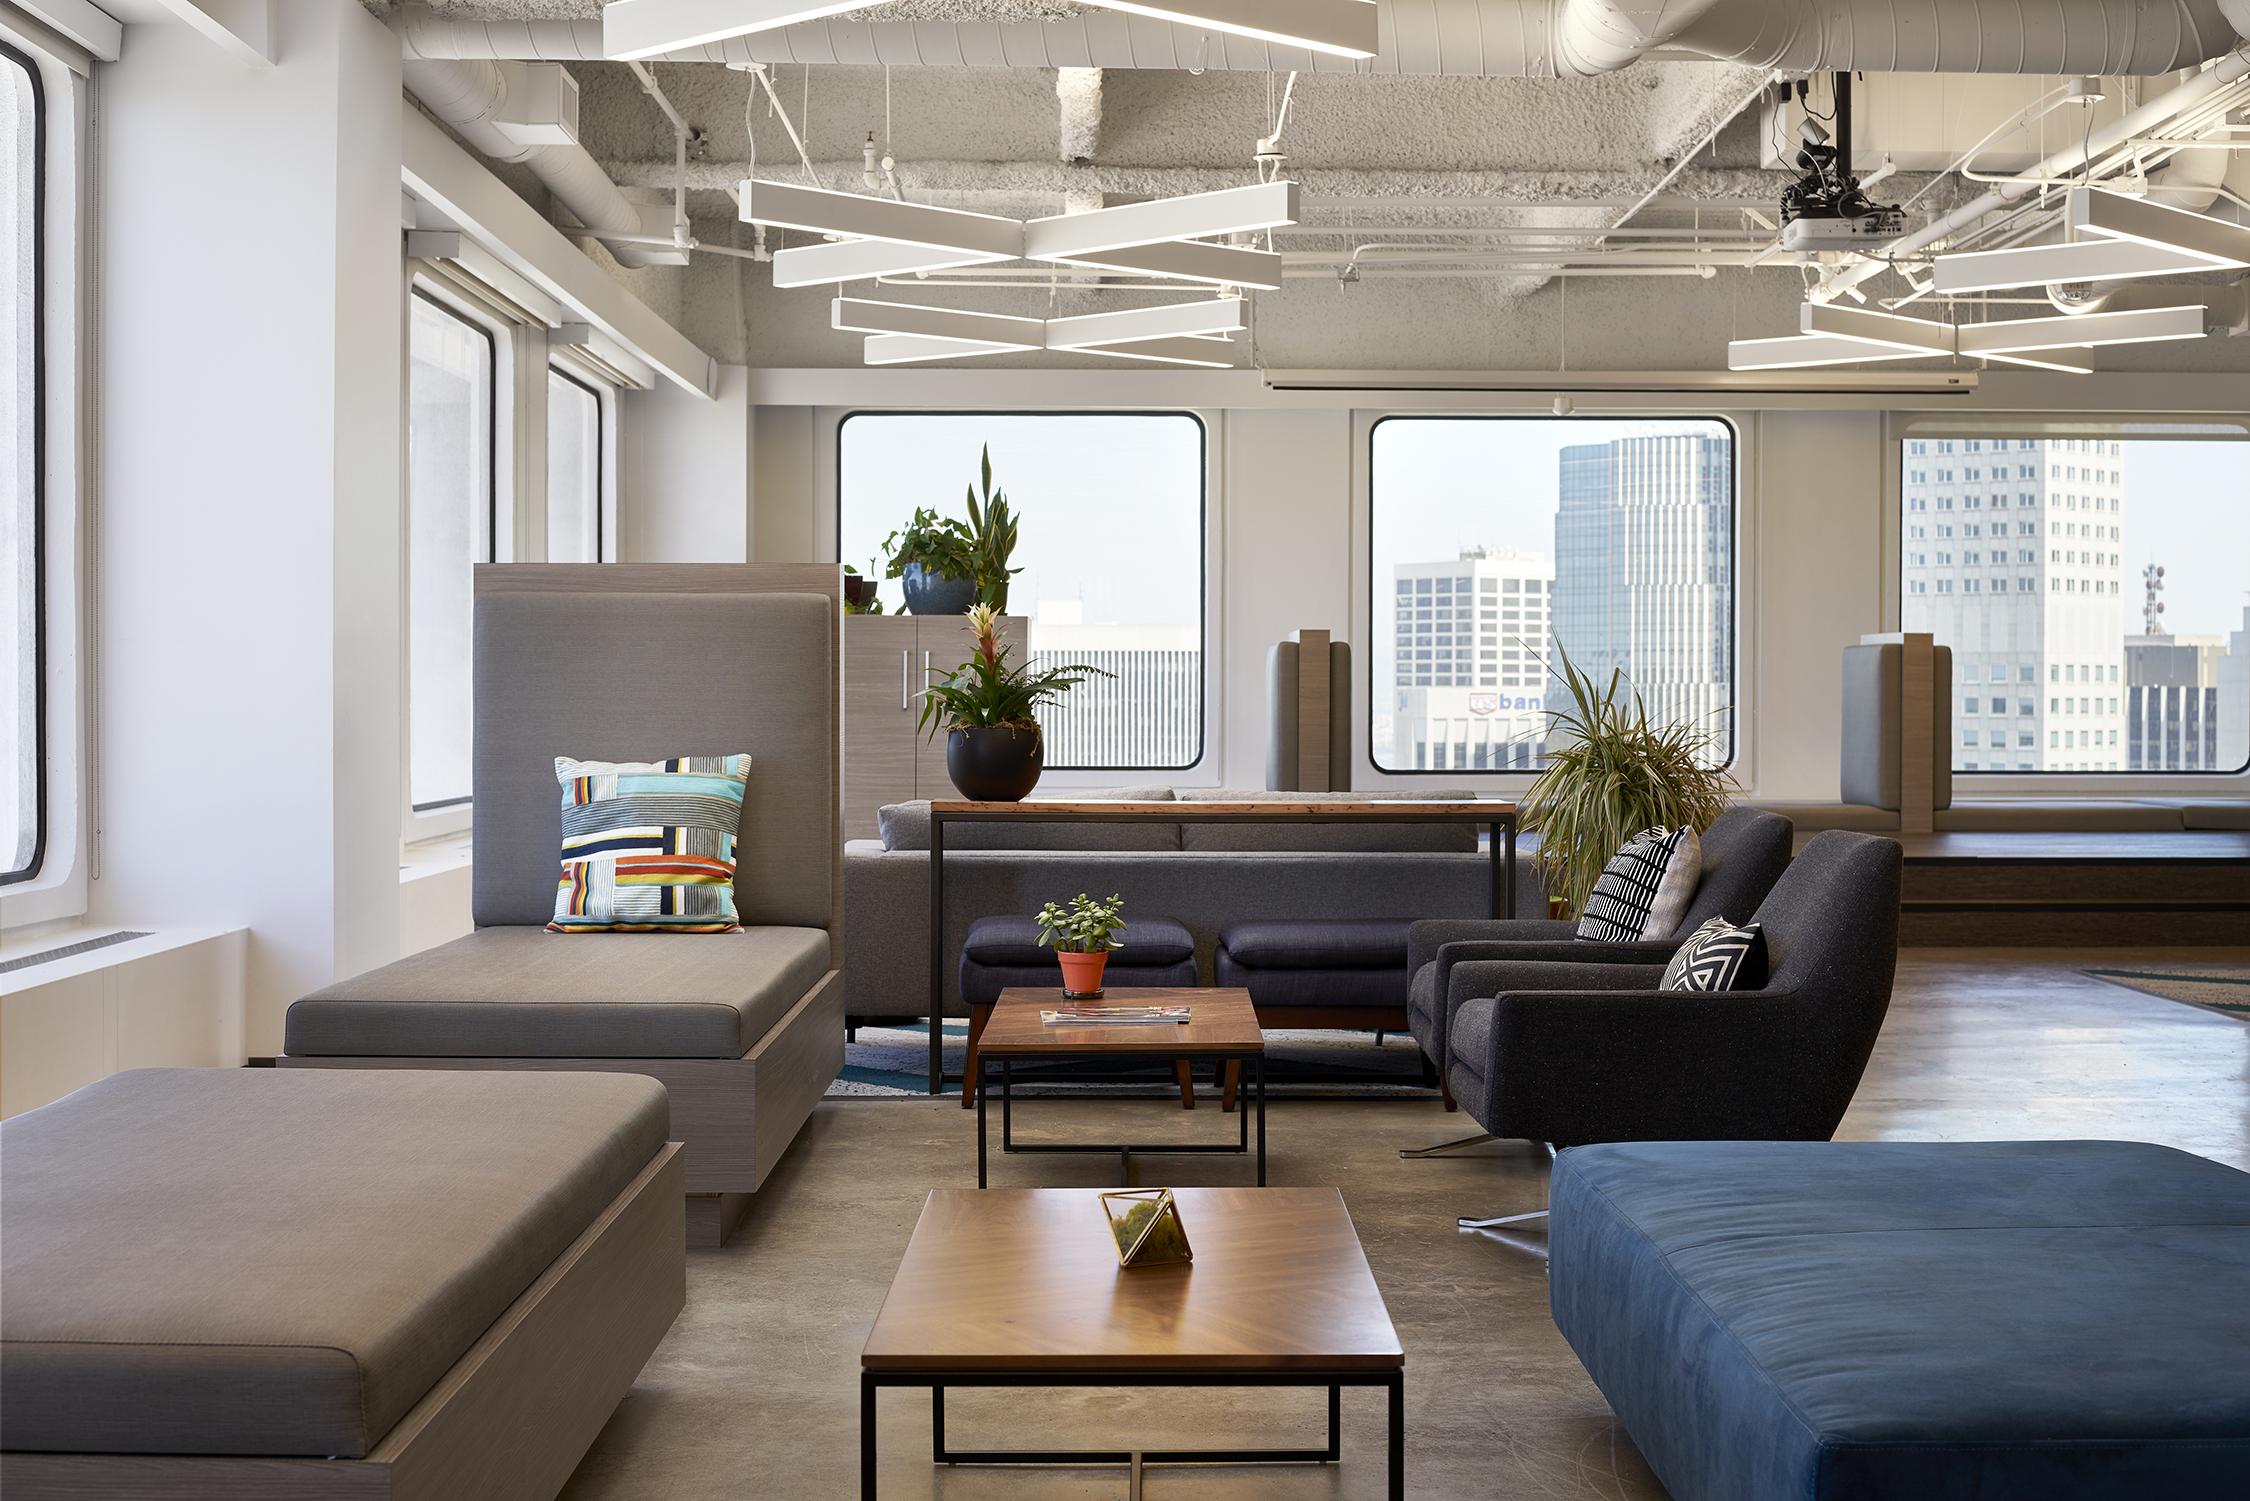 Lobby_Furniture_vignette3_DSC5414_website.jpg